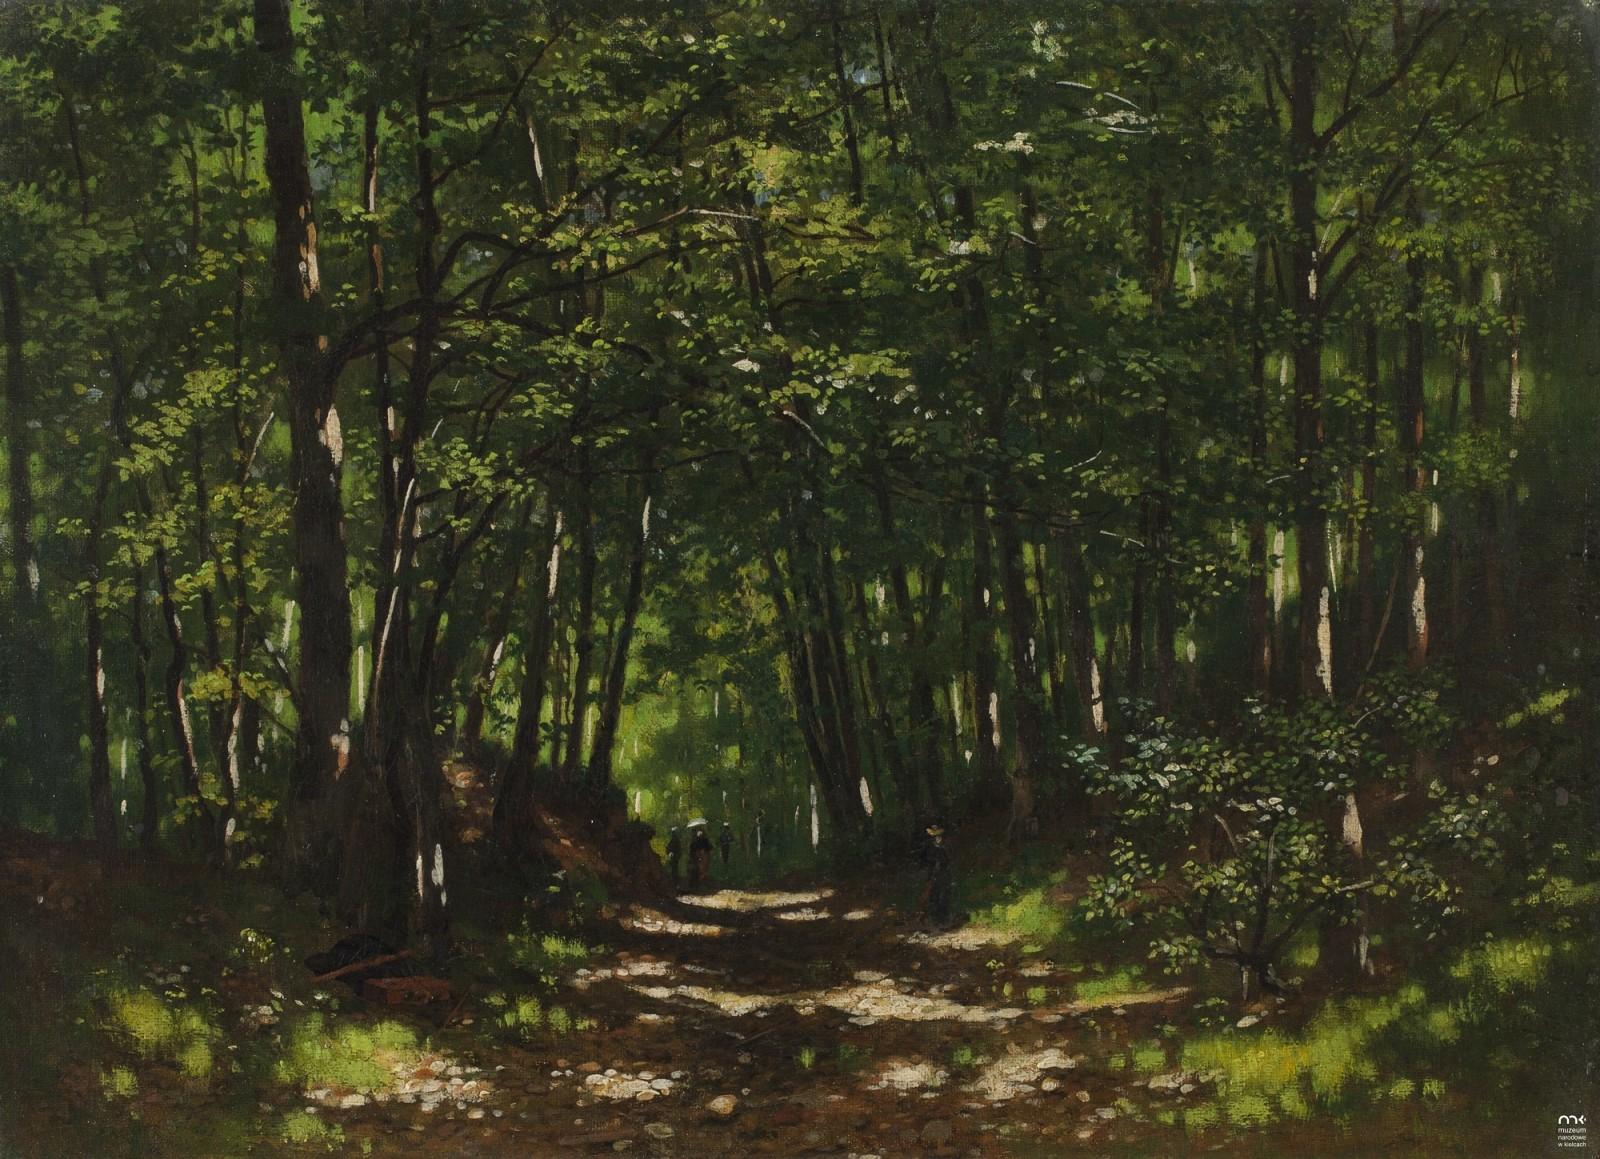 """Władysław Malecki (1836-1900) """"Wnętrze lasu"""", około 1880 roko, źródło: Muzeum Narodowe w Kielcach"""